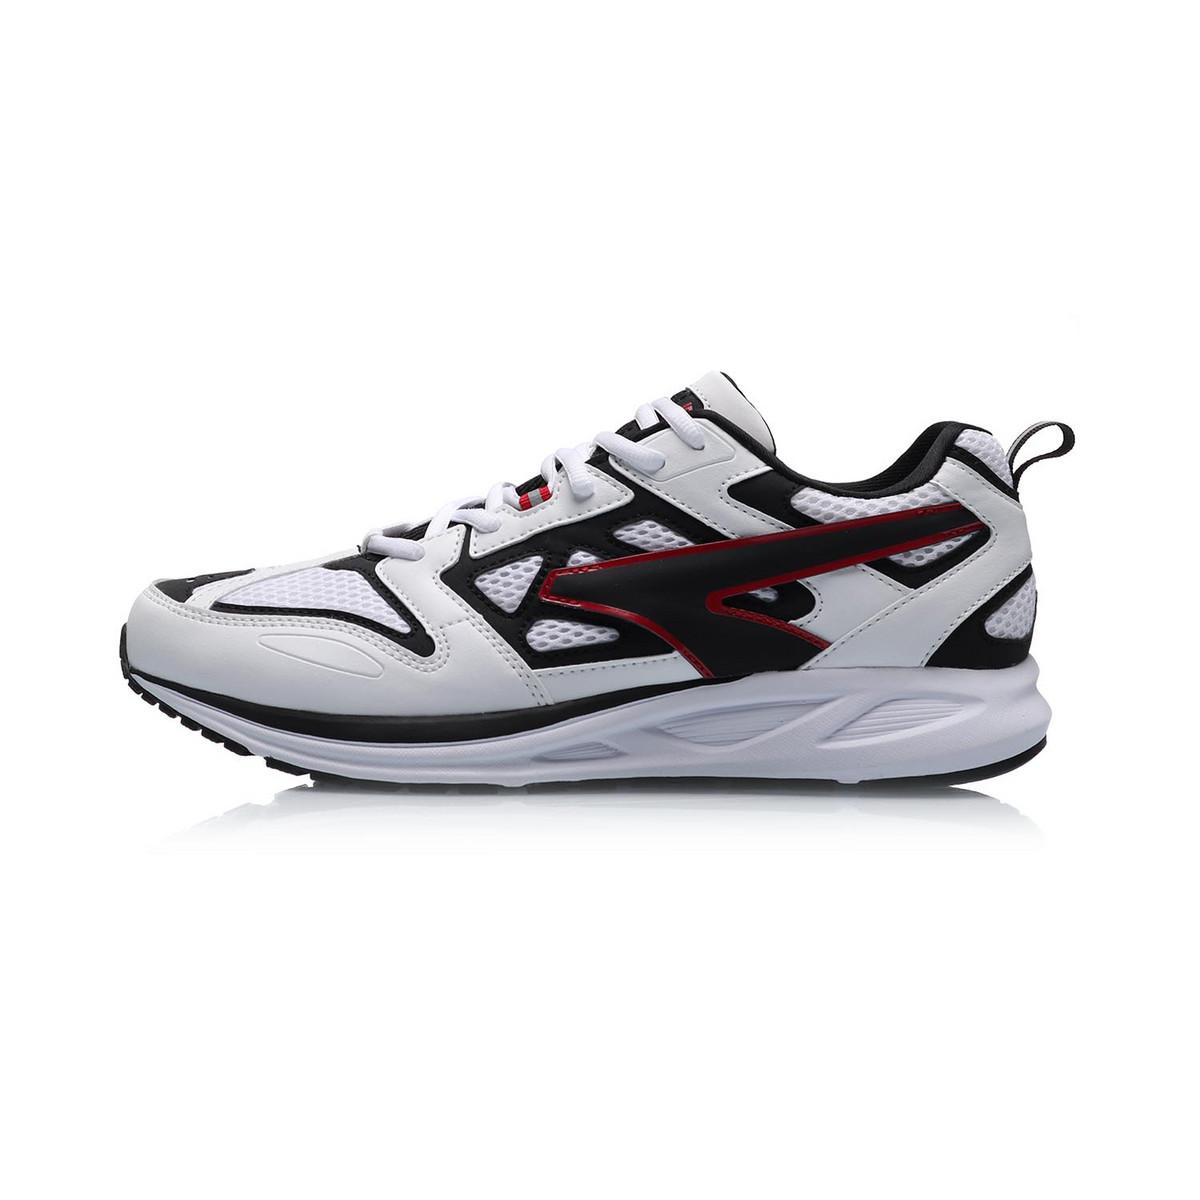 LI-NING 李宁 ARHP103 男款跑鞋